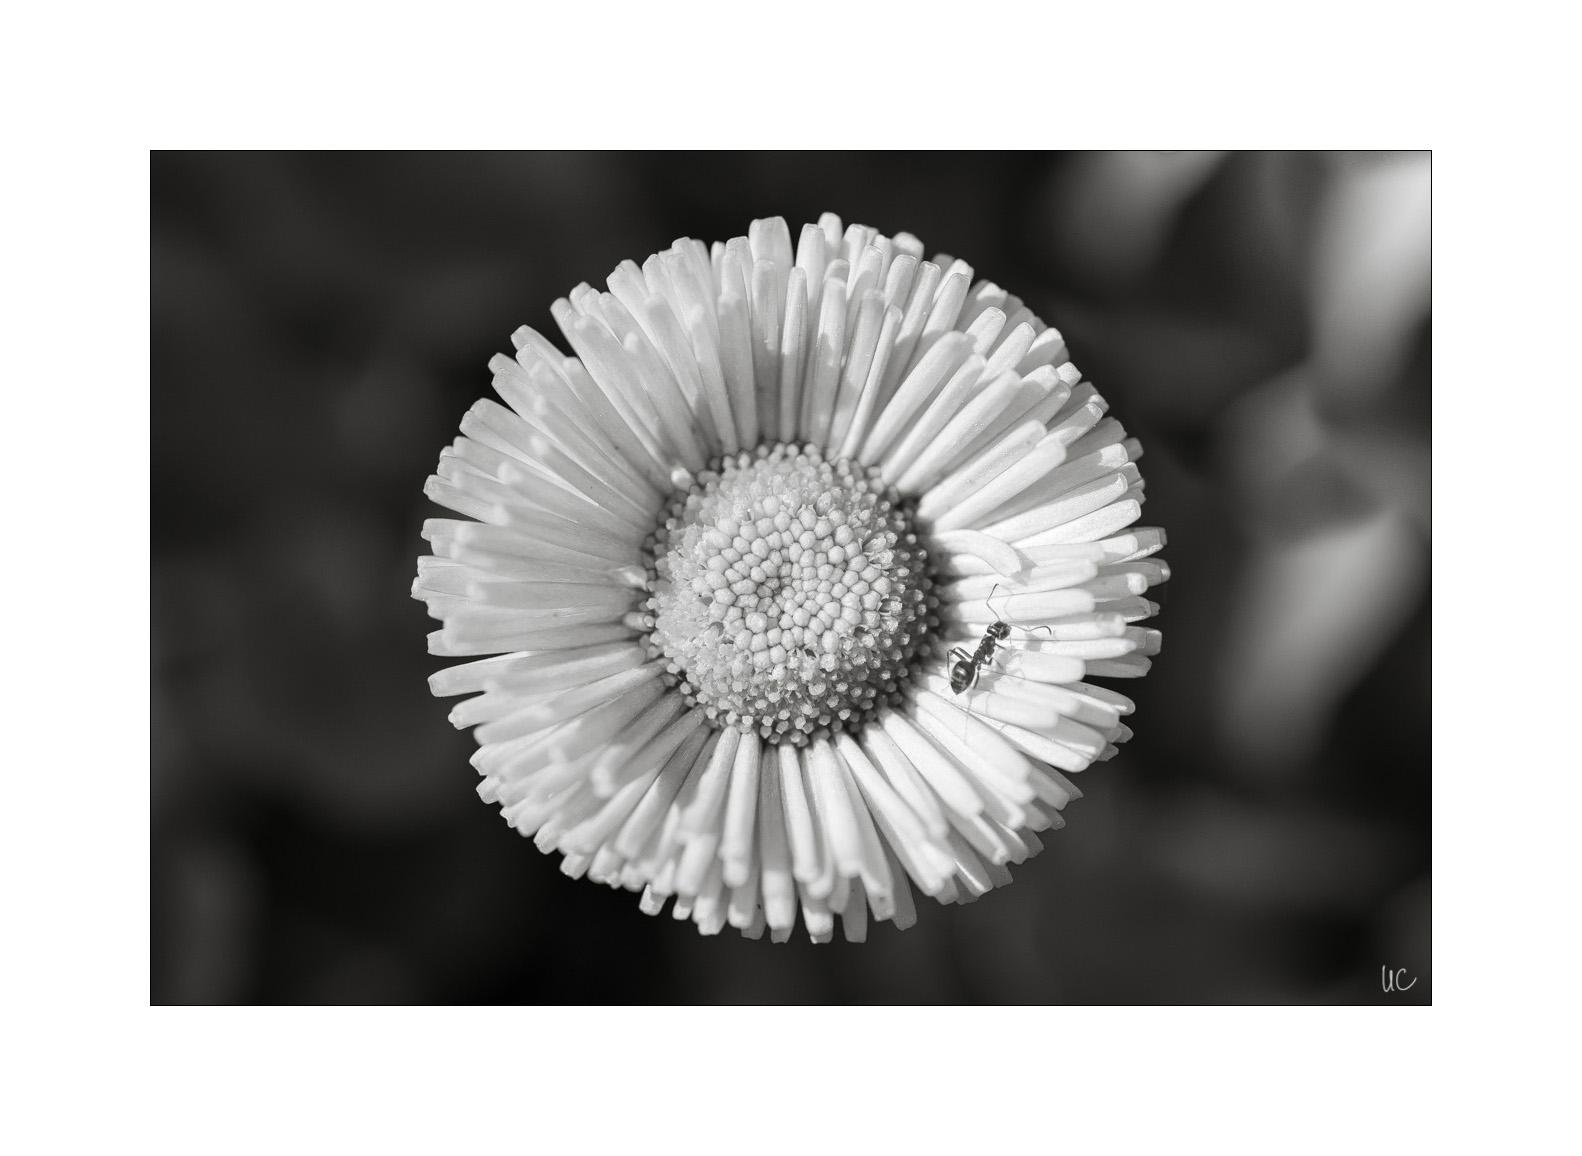 Blumen in Schwarzweiß– No. 3| Foto: Ulf Cronenberg, Würzburg